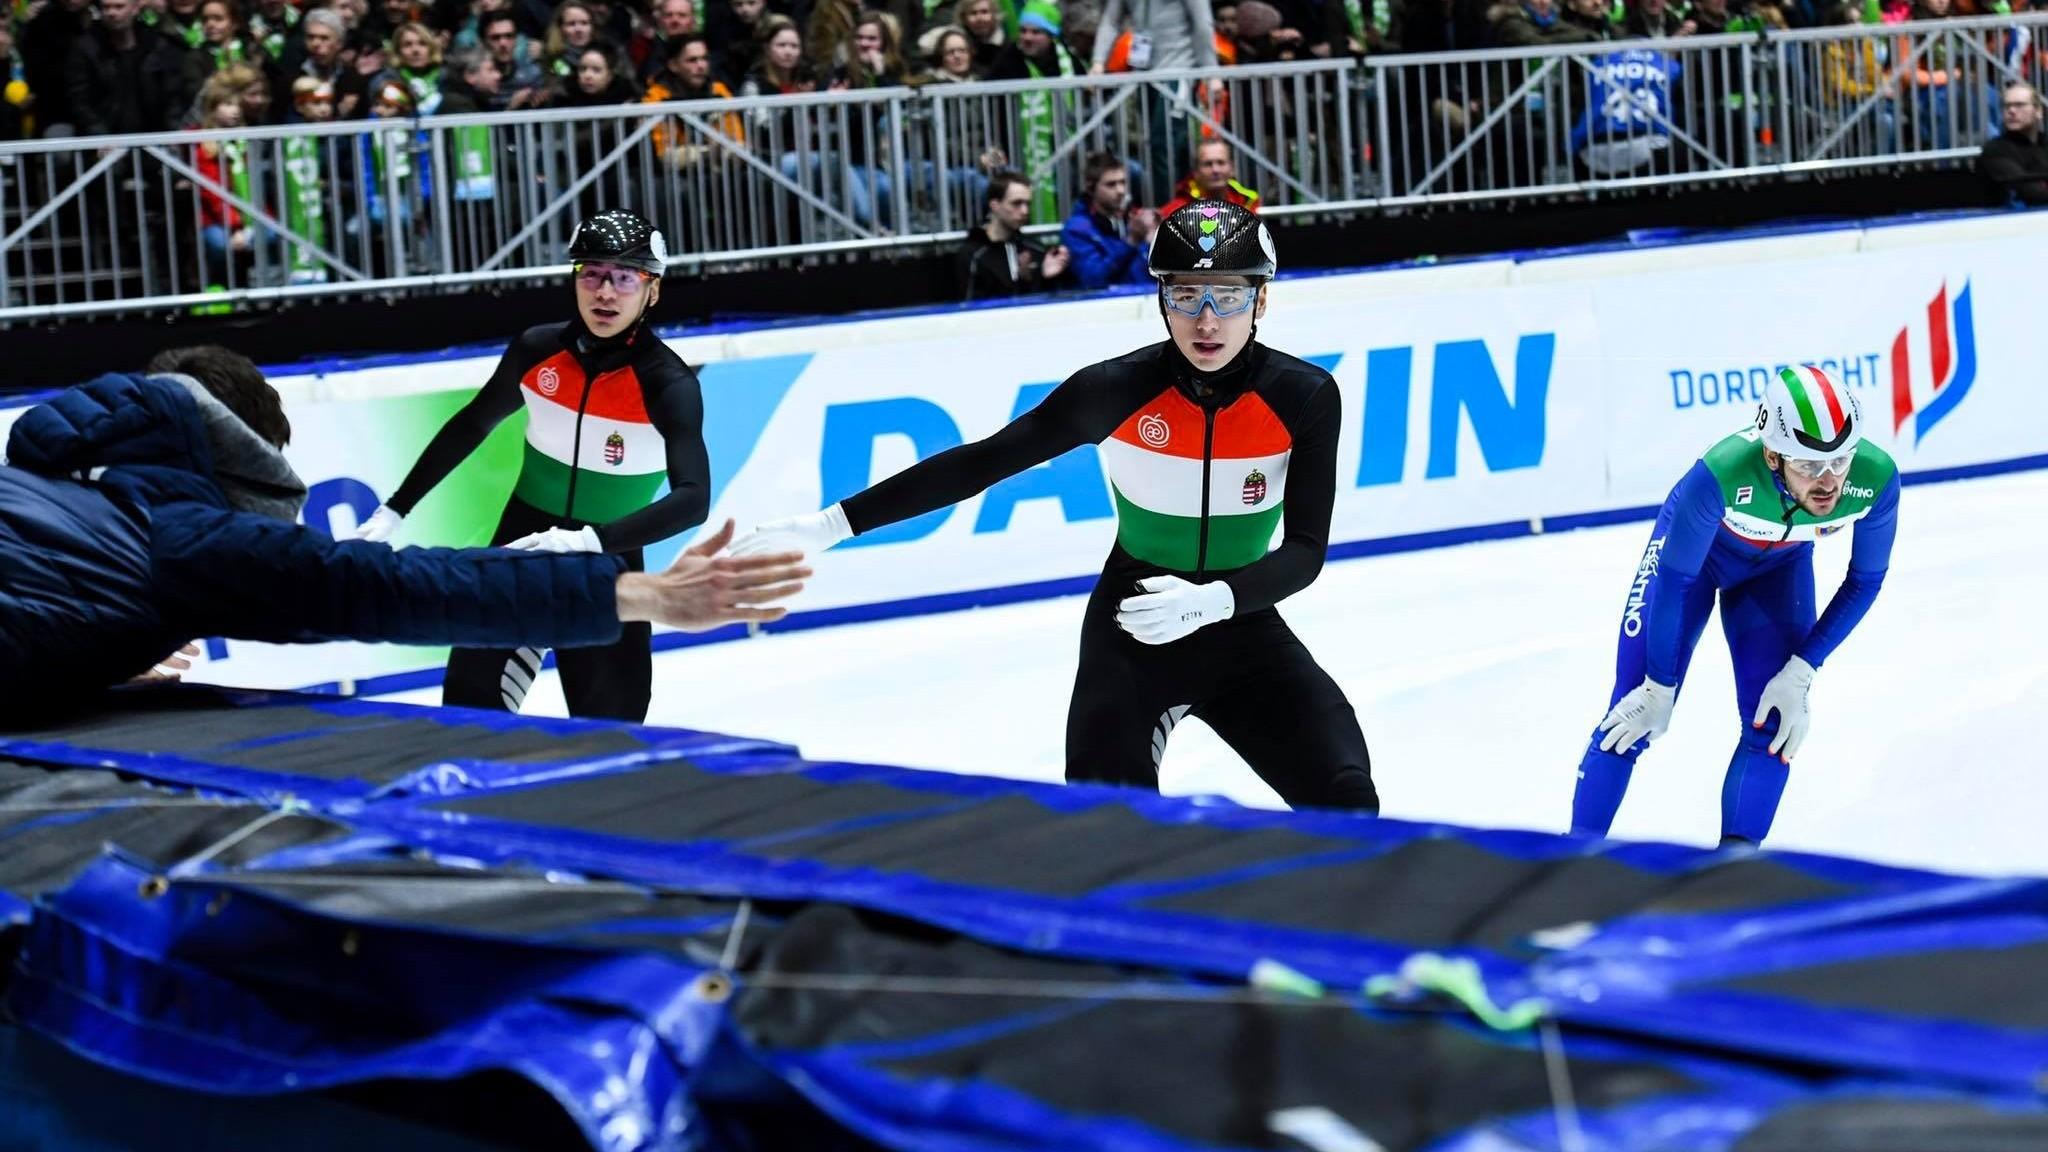 Történelmi magyar aranyak a dordrecht rövidpályás gyorskorcsolya Európa-bajnokságon